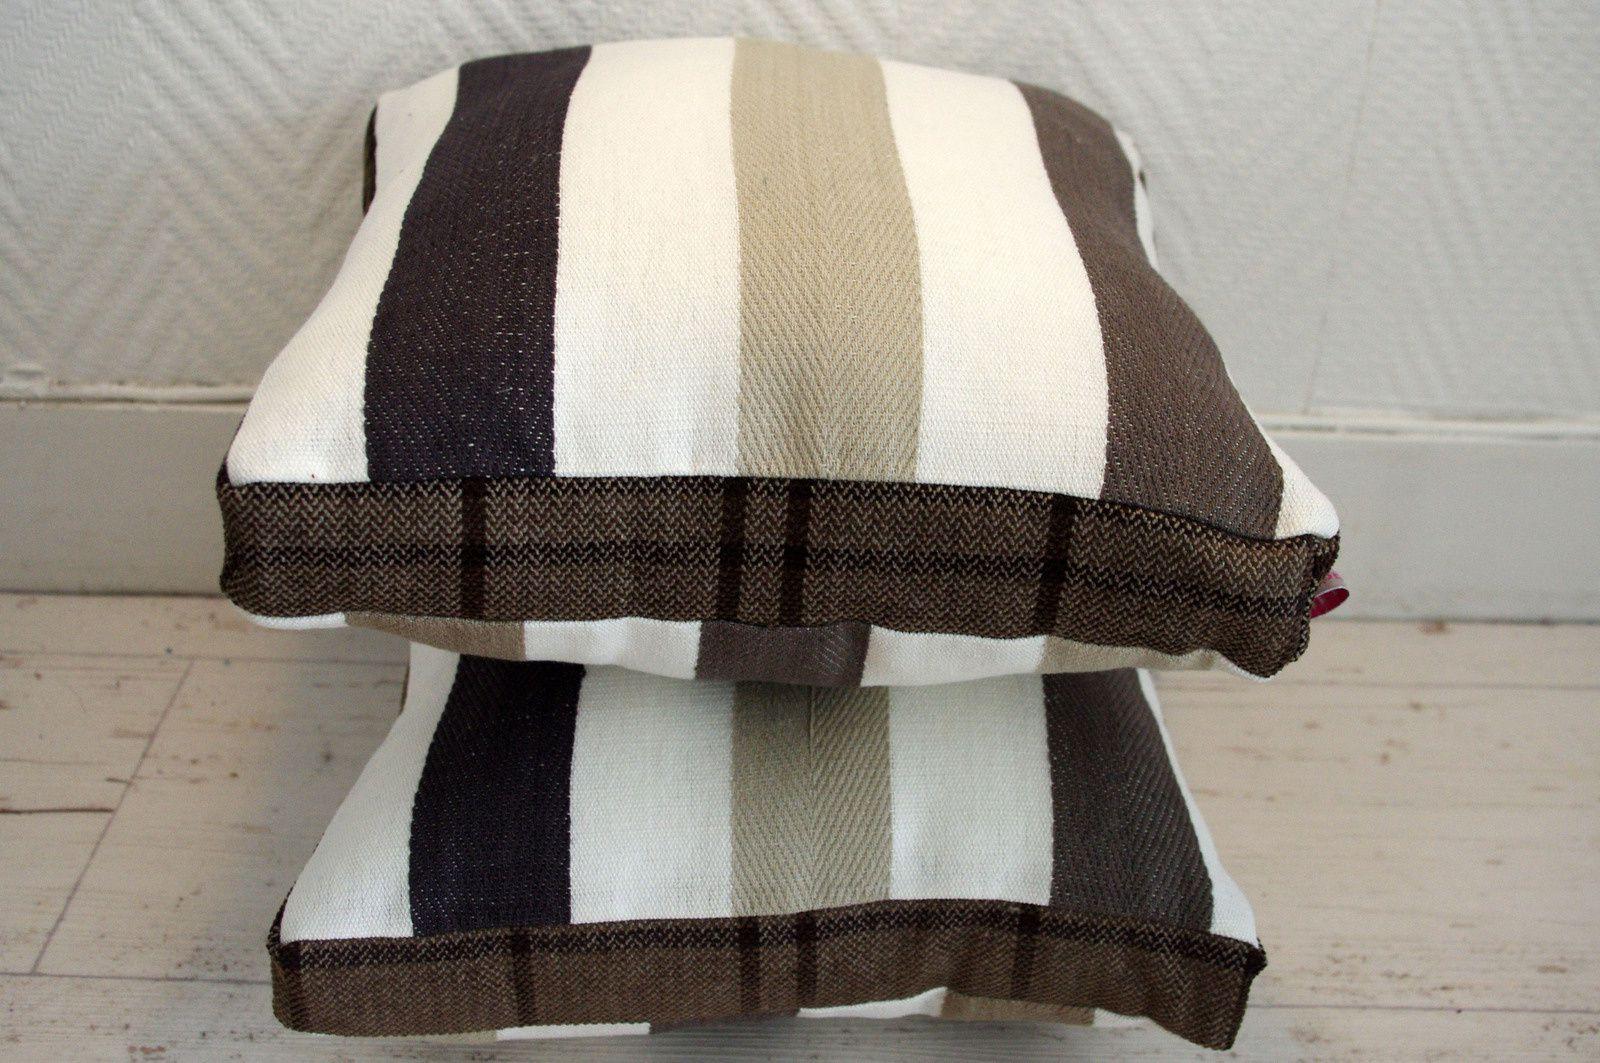 Coussins brun, beige écrus avec épaisseur